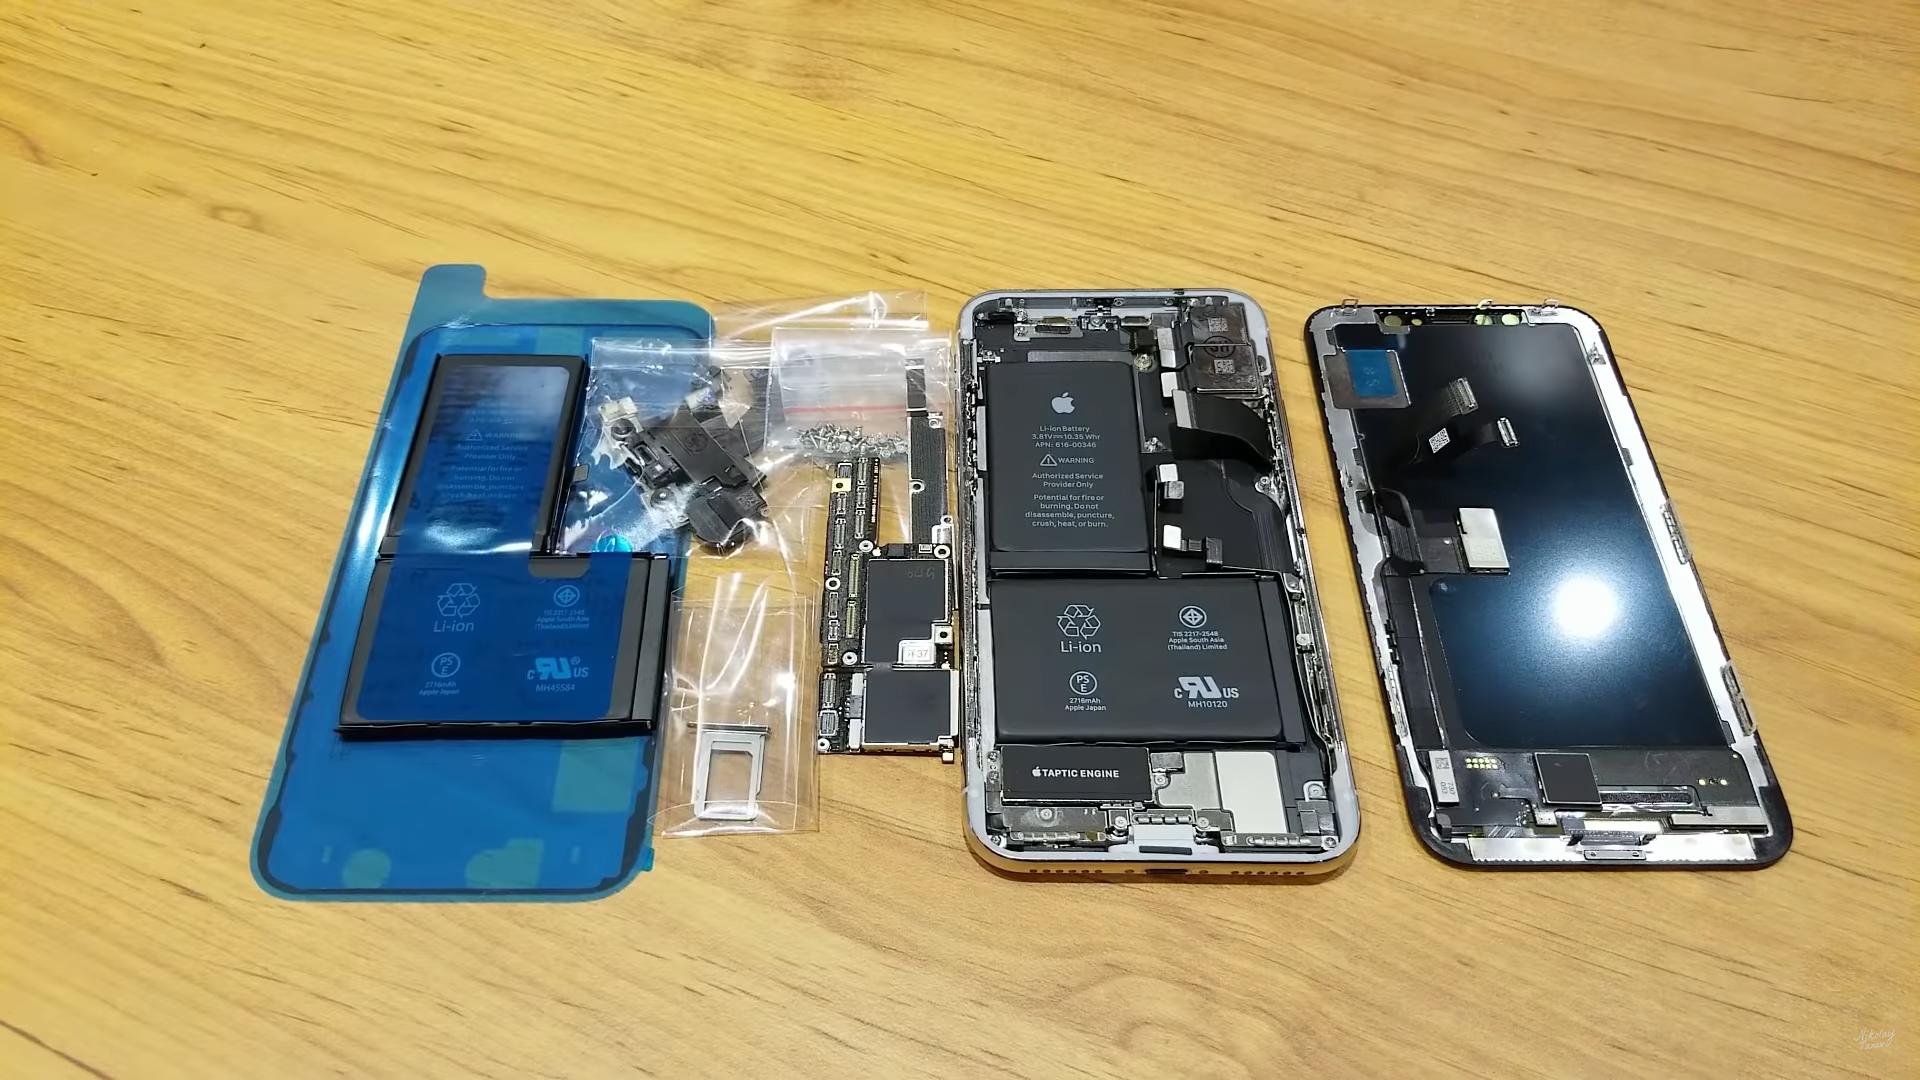 Блогер собрал iPhone X из купленных на китайских рынках запчастей - фото 111 | Сервисный центр Total Apple